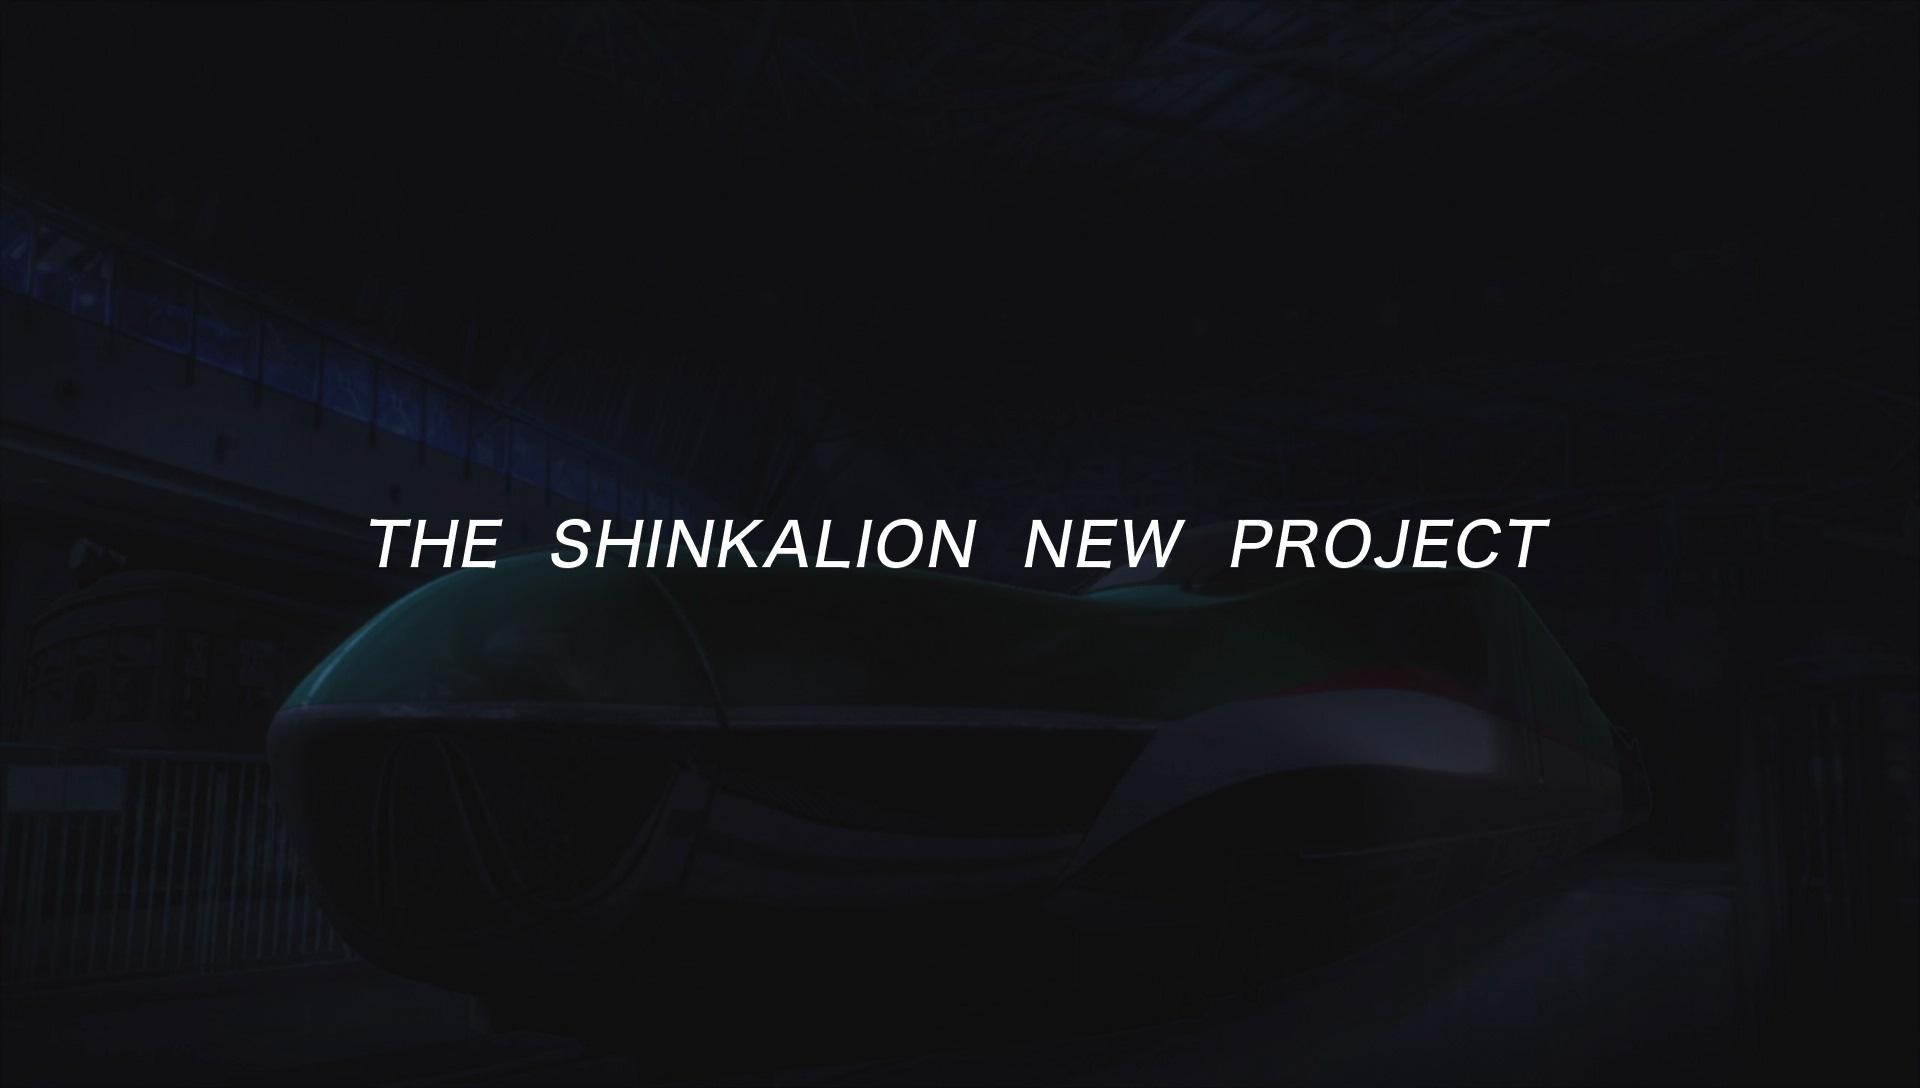 新幹線変形ロボ シンカリオン-6